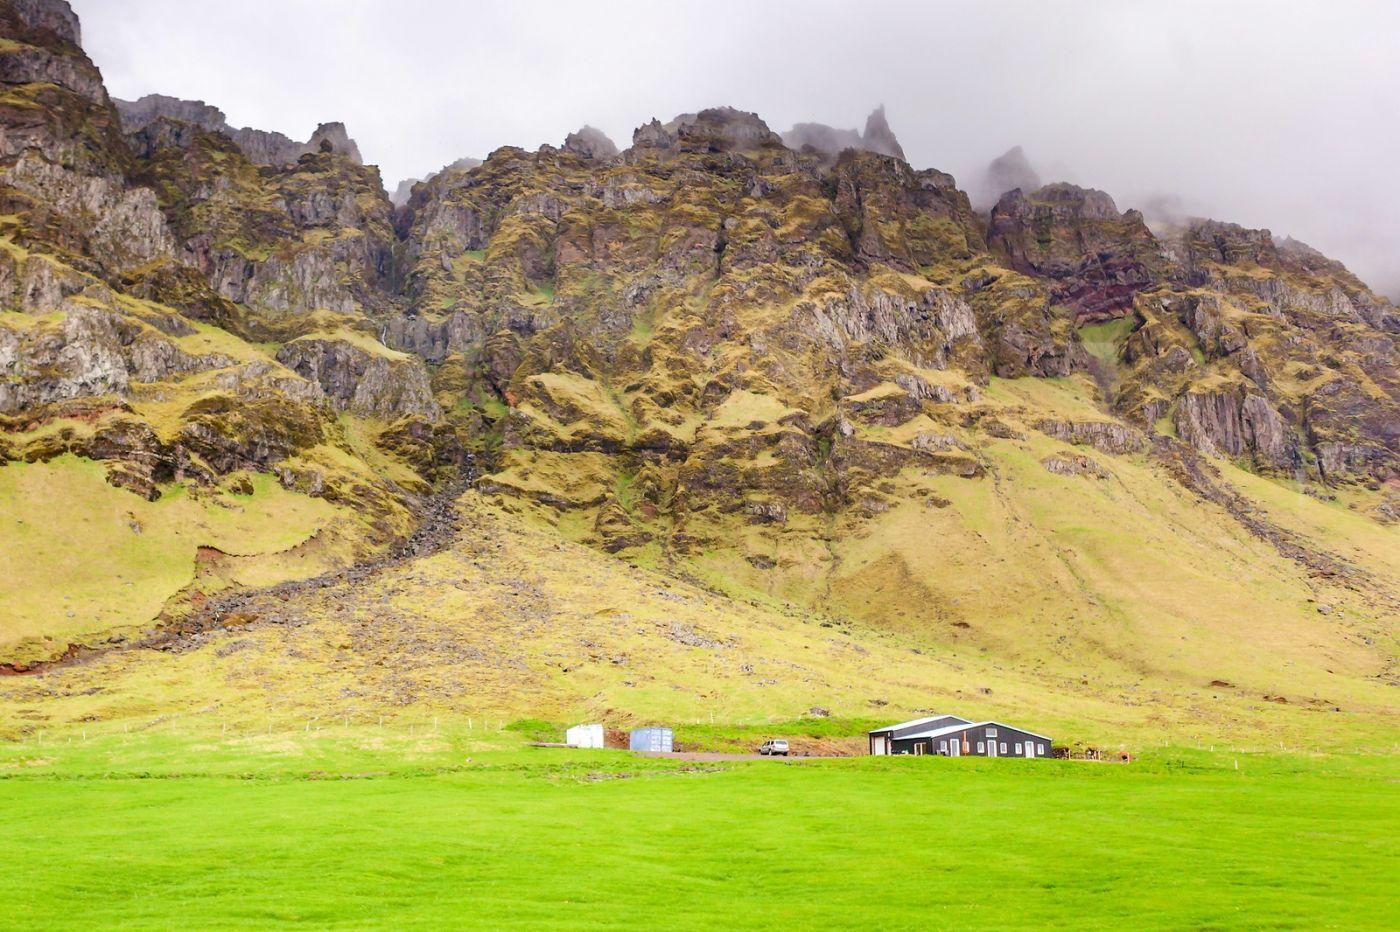 冰岛风采,奇山怪石_图1-17